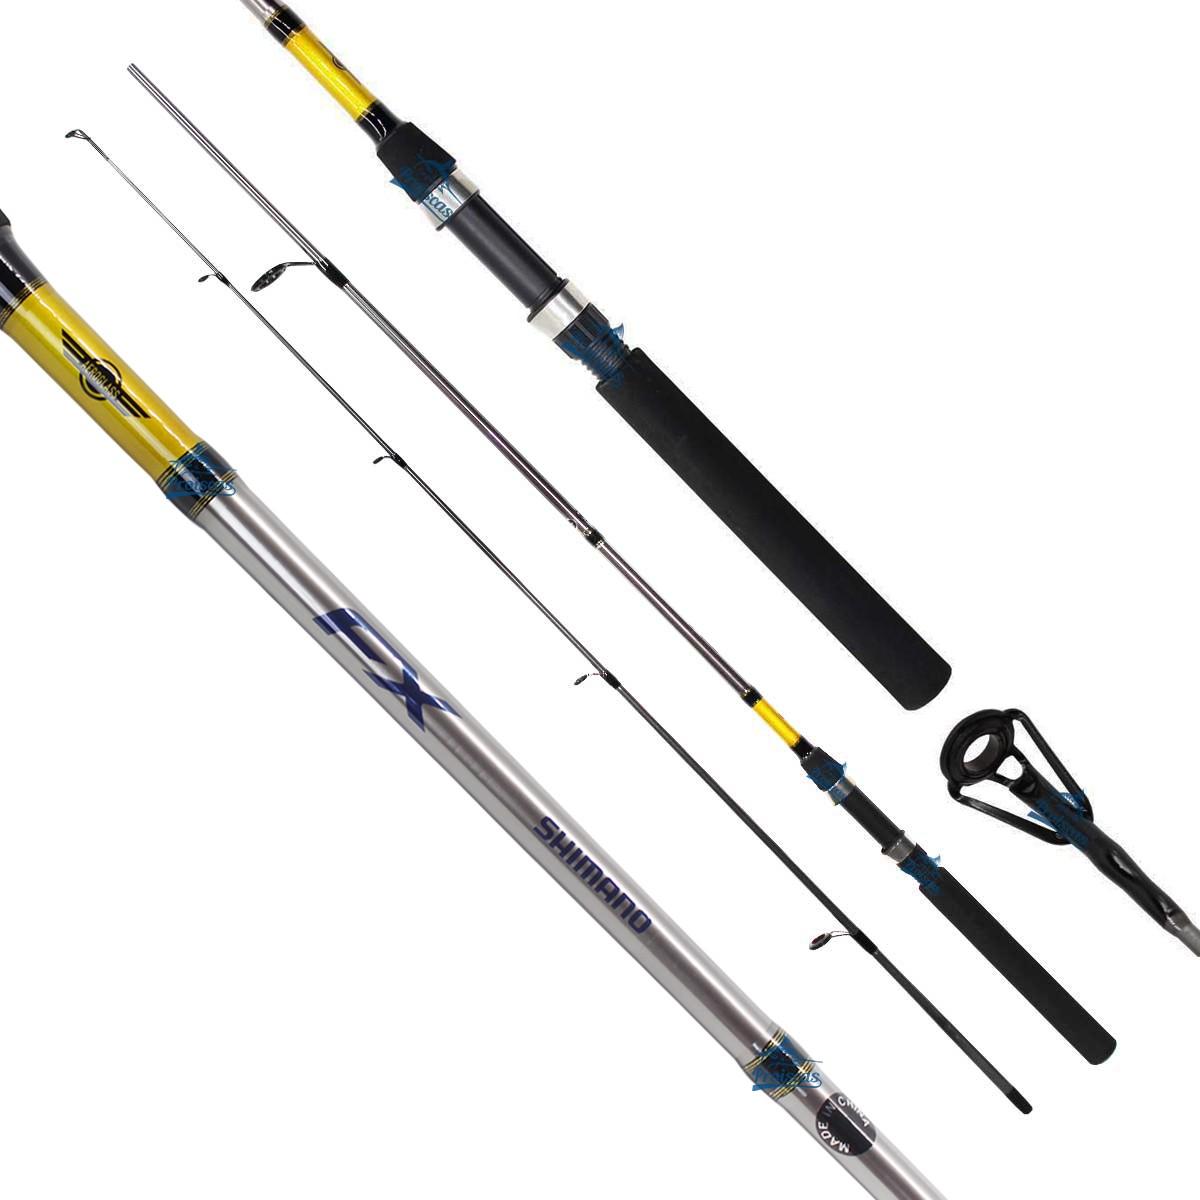 Vara Shimano Fx 702 (2,13m) 12-25lb Molinete 2 Partes  - Pesca Adventure